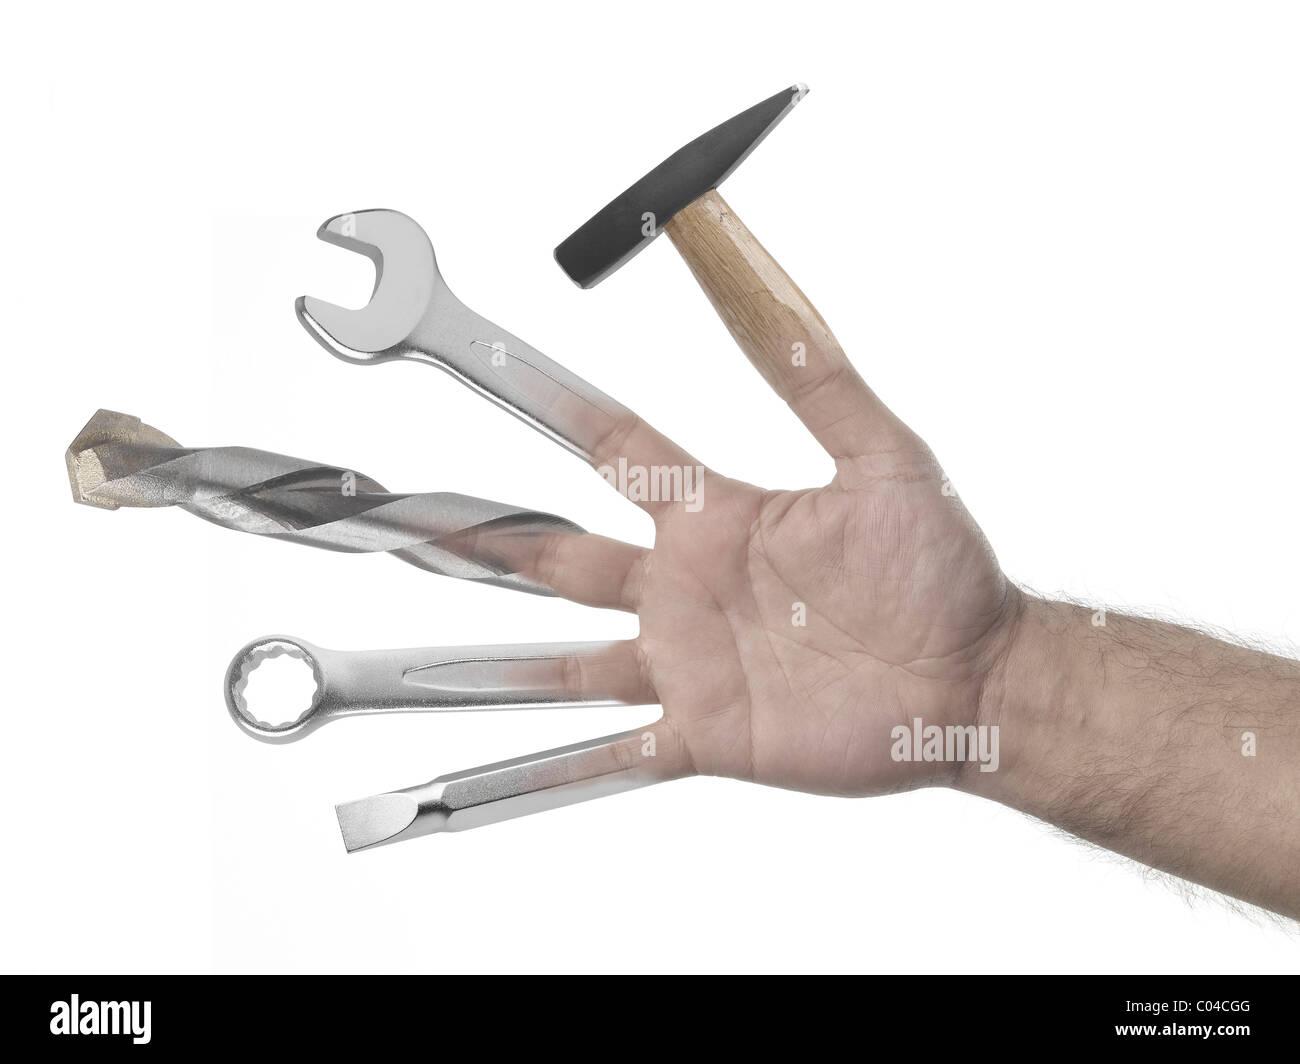 Manitas mano llena de herramientas sobre fondo blanco. Imagen De Stock